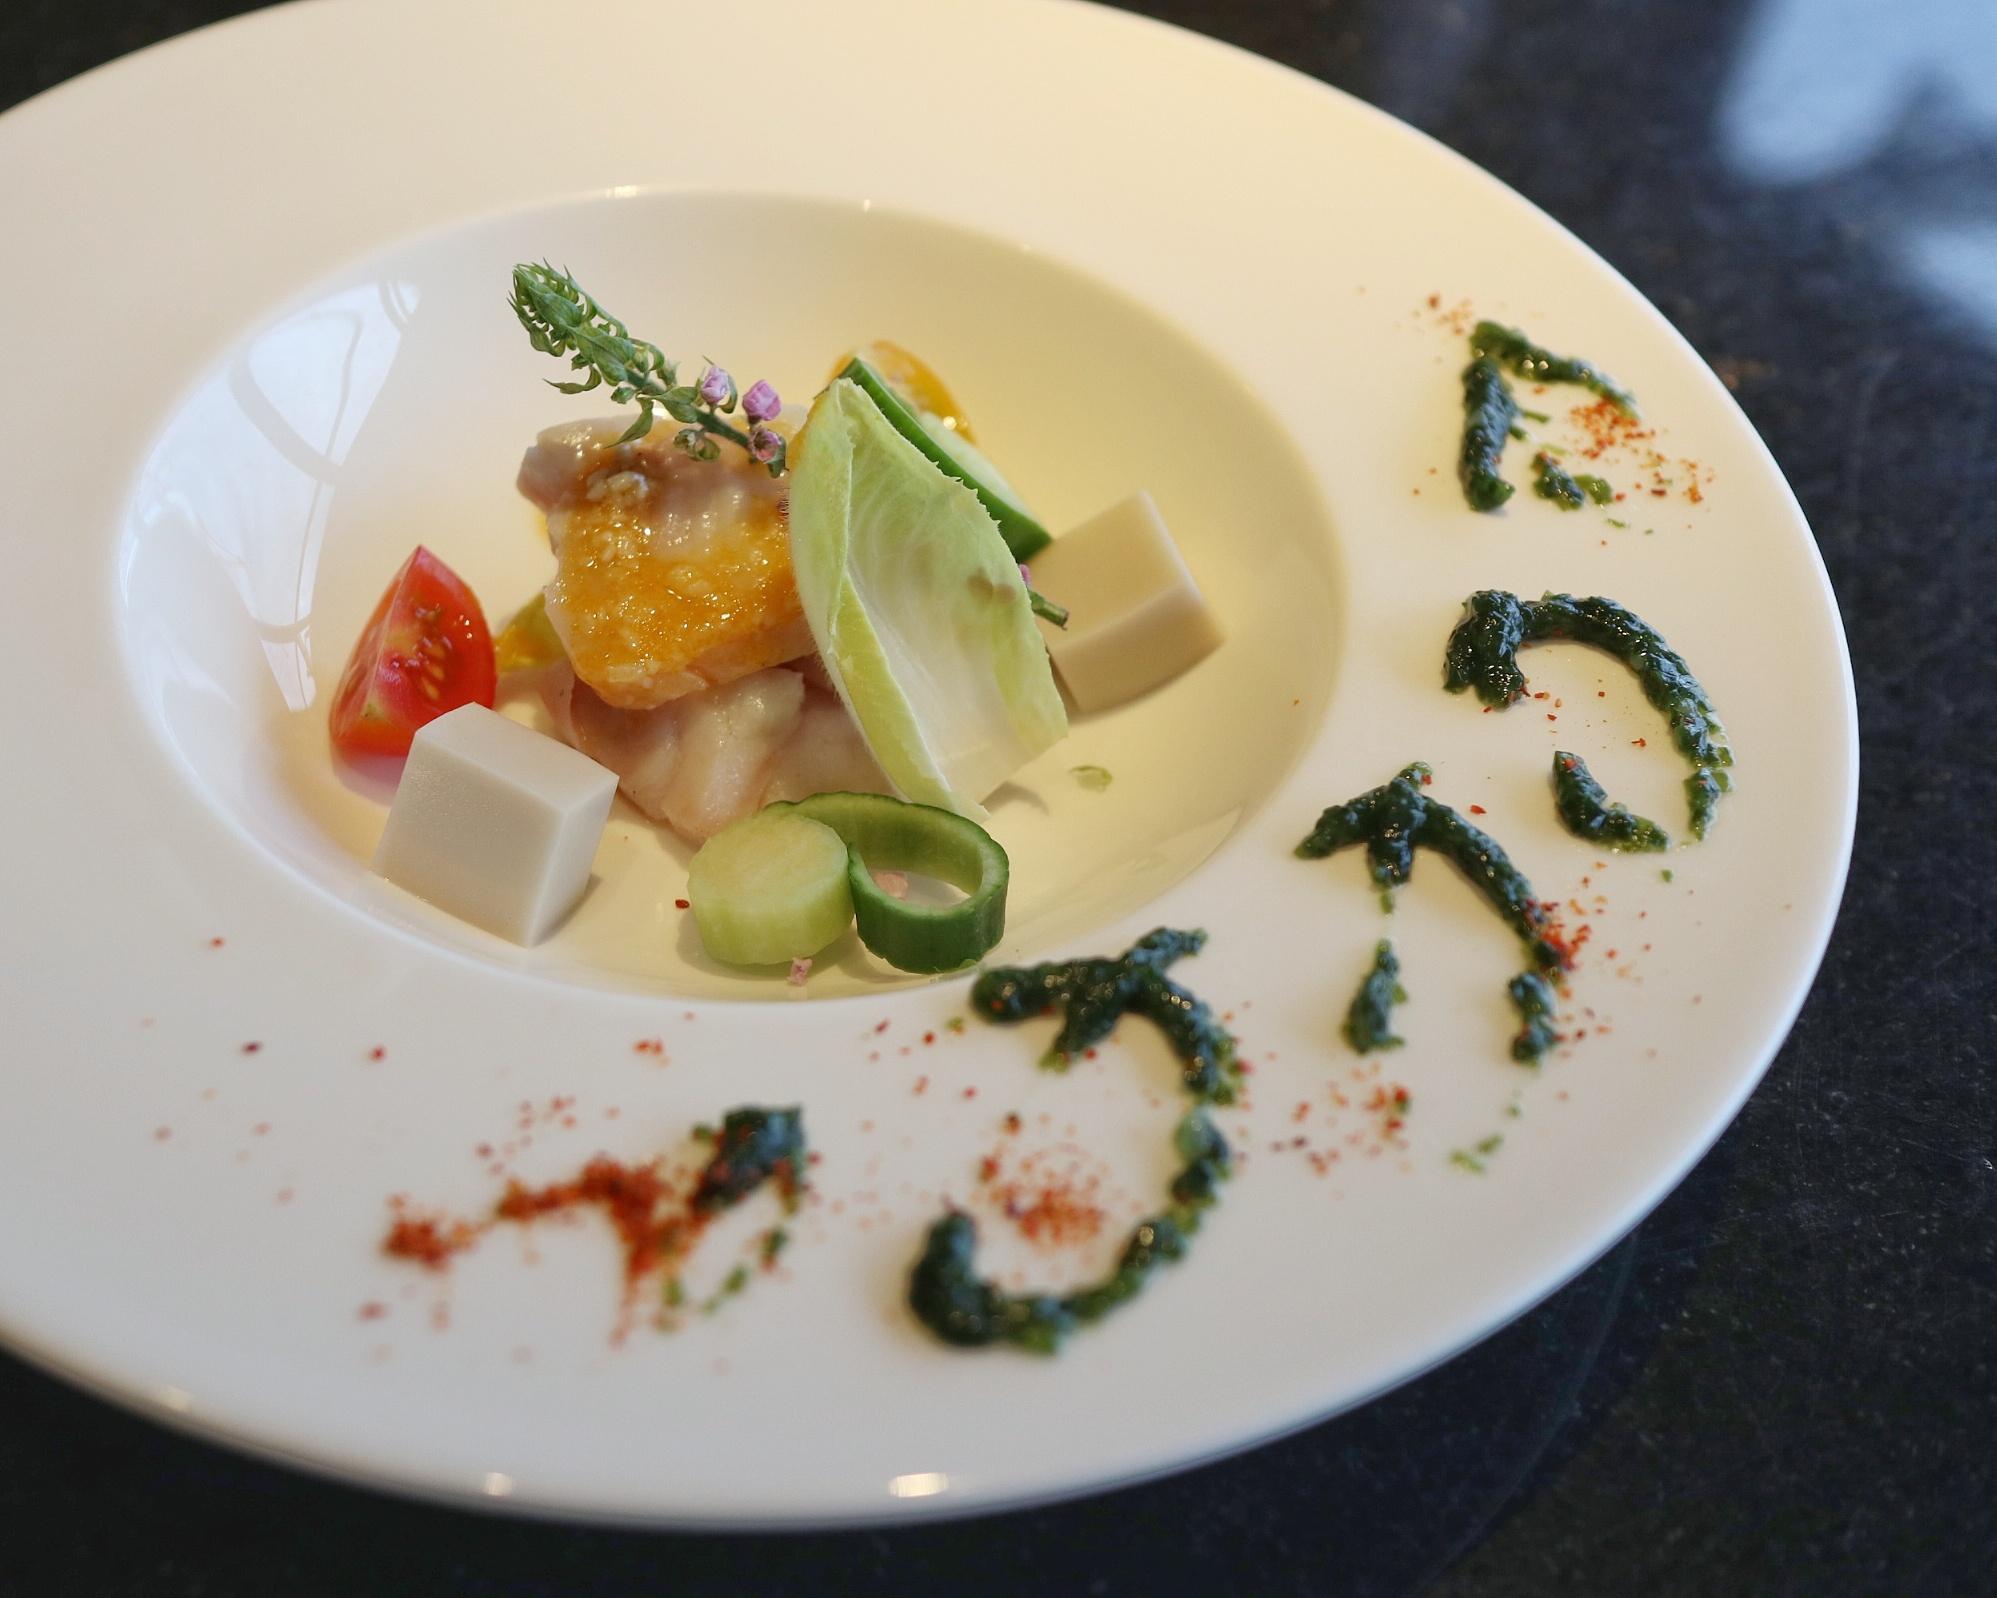 食で旅気分!〈コートヤード・バイ・マリオット 新大阪ステーション〉徳島県産の食材が楽しめる、期間限定コース料理。